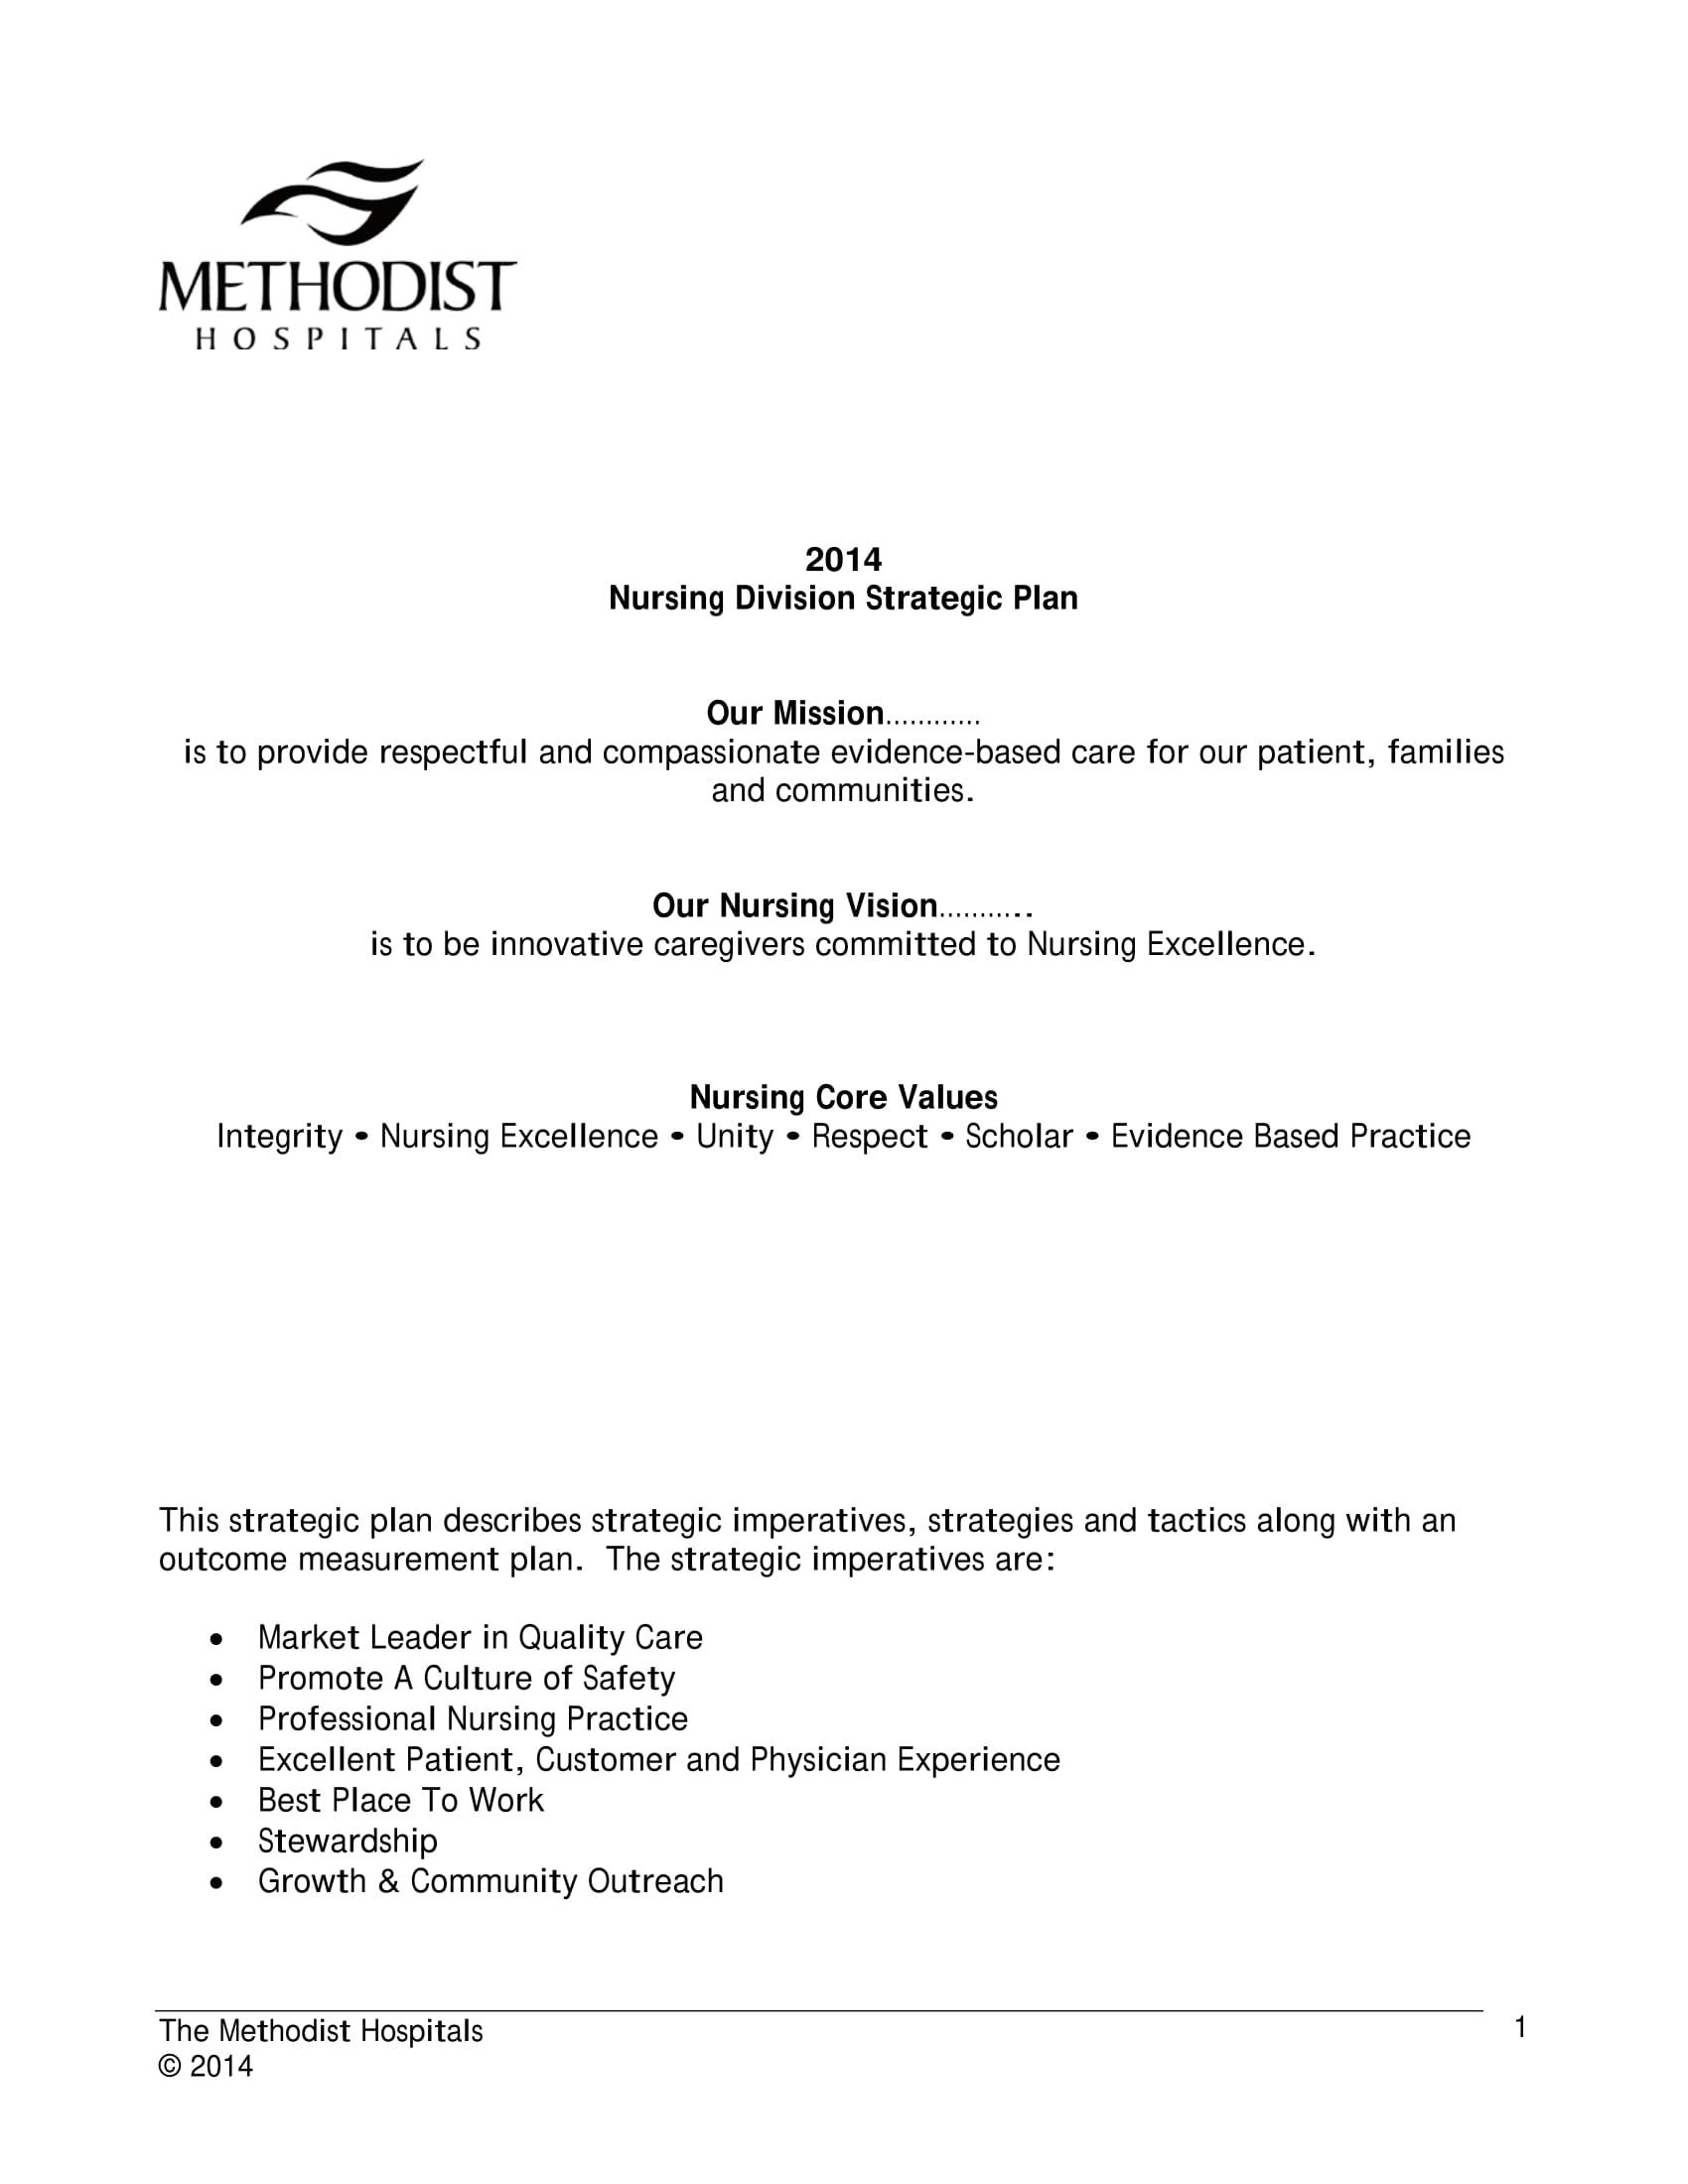 nursing division strategic plan example 01